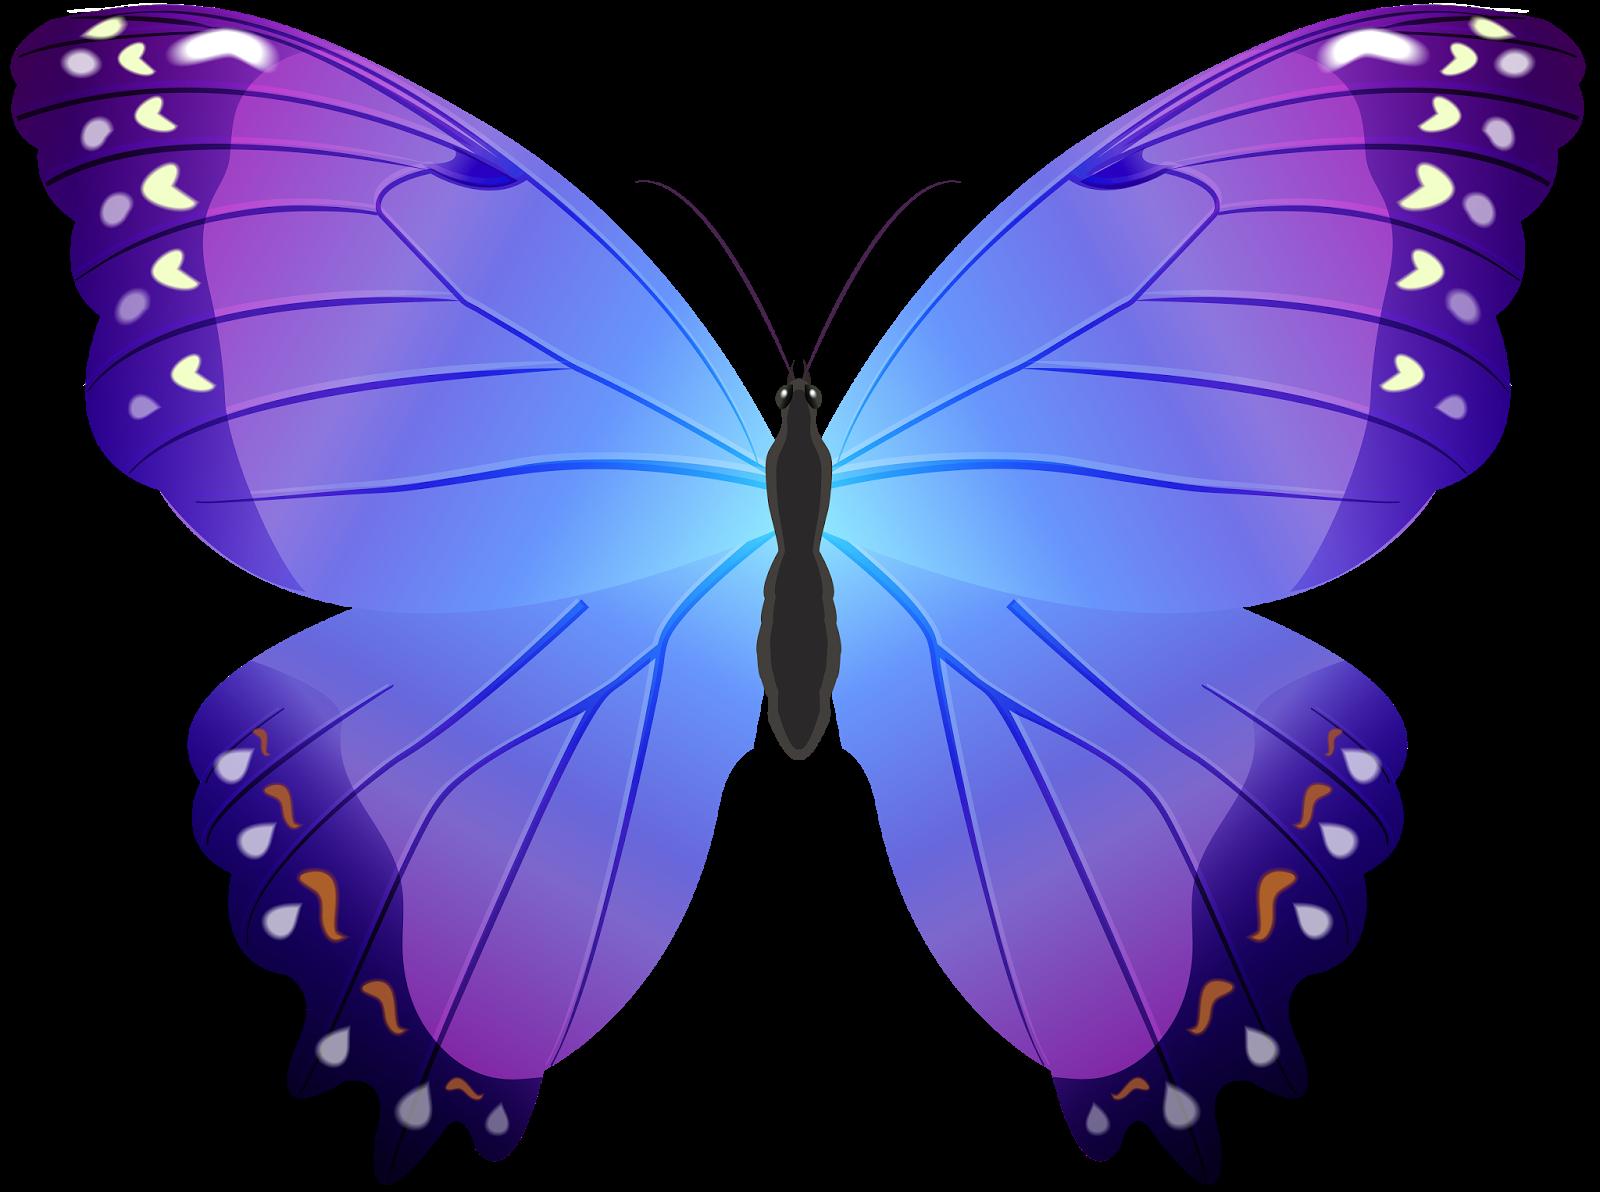 Картинка с бабочками на белом фоне